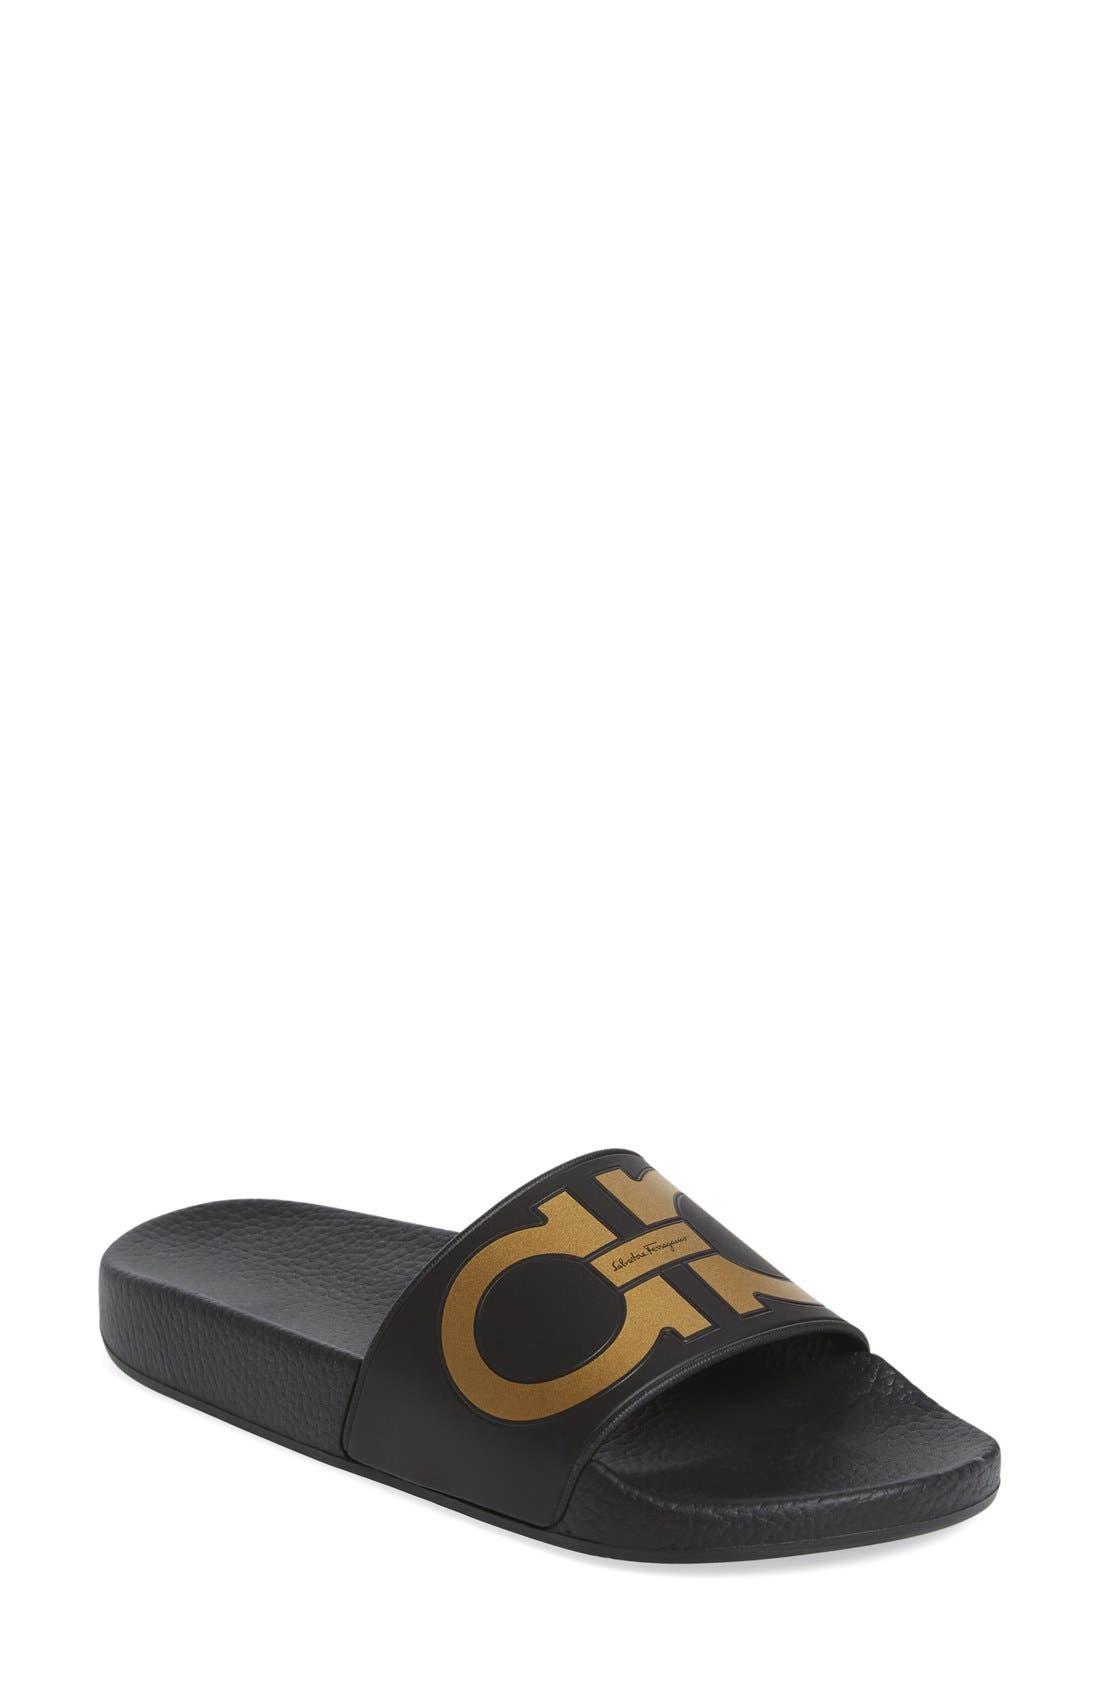 Salvatore Ferragamo Logo Slide Sandal (Women)